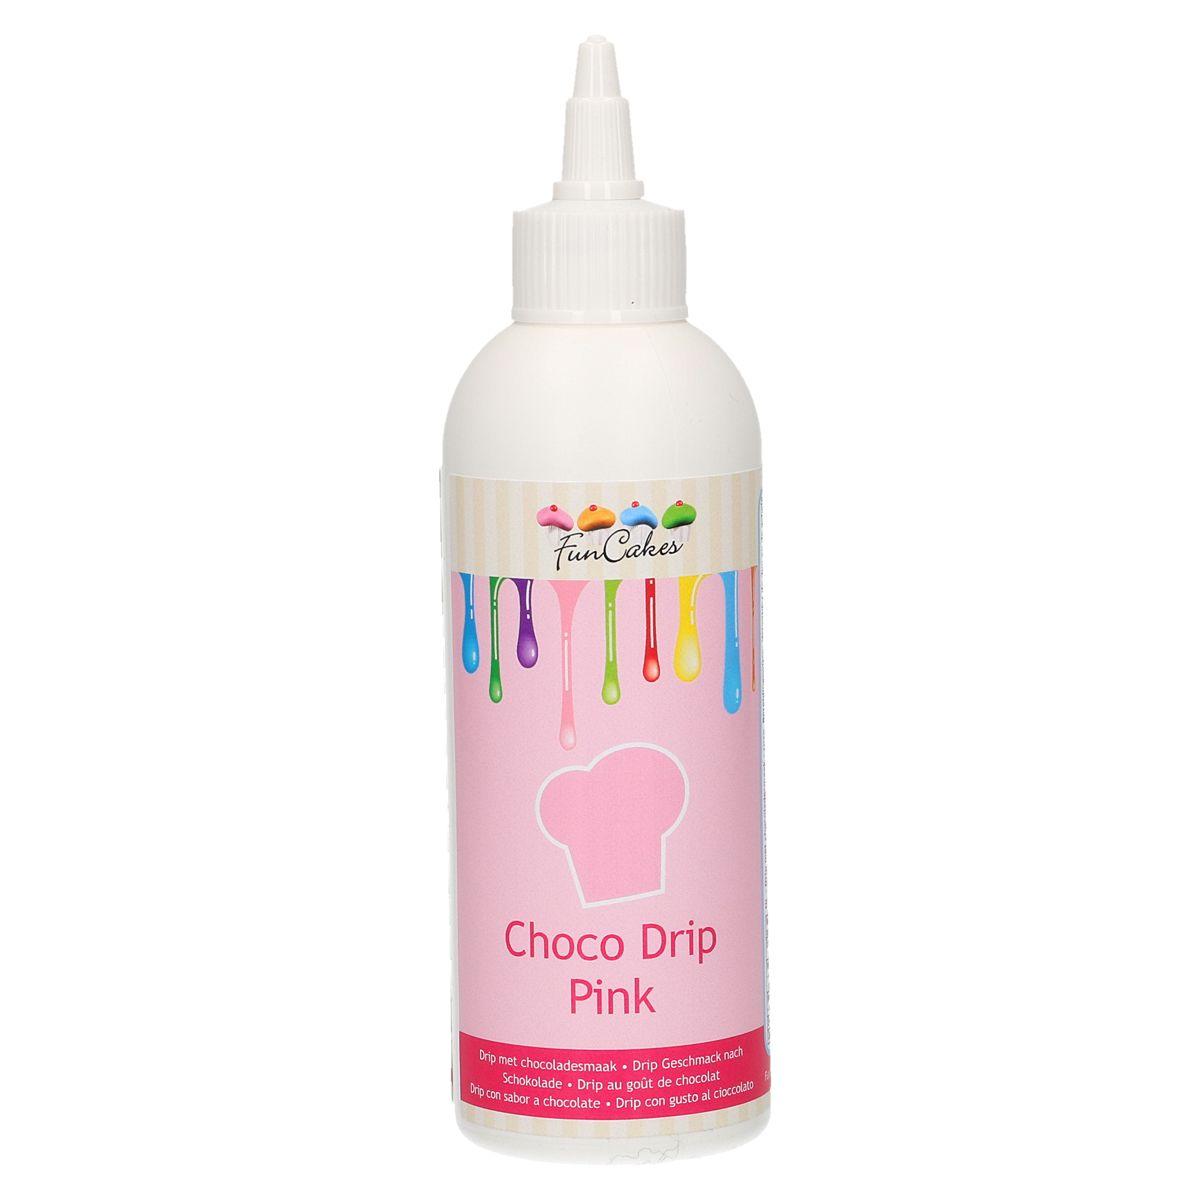 Funcakes Choco drip Pink - Čokoládová poleva v tubě růžová 180g